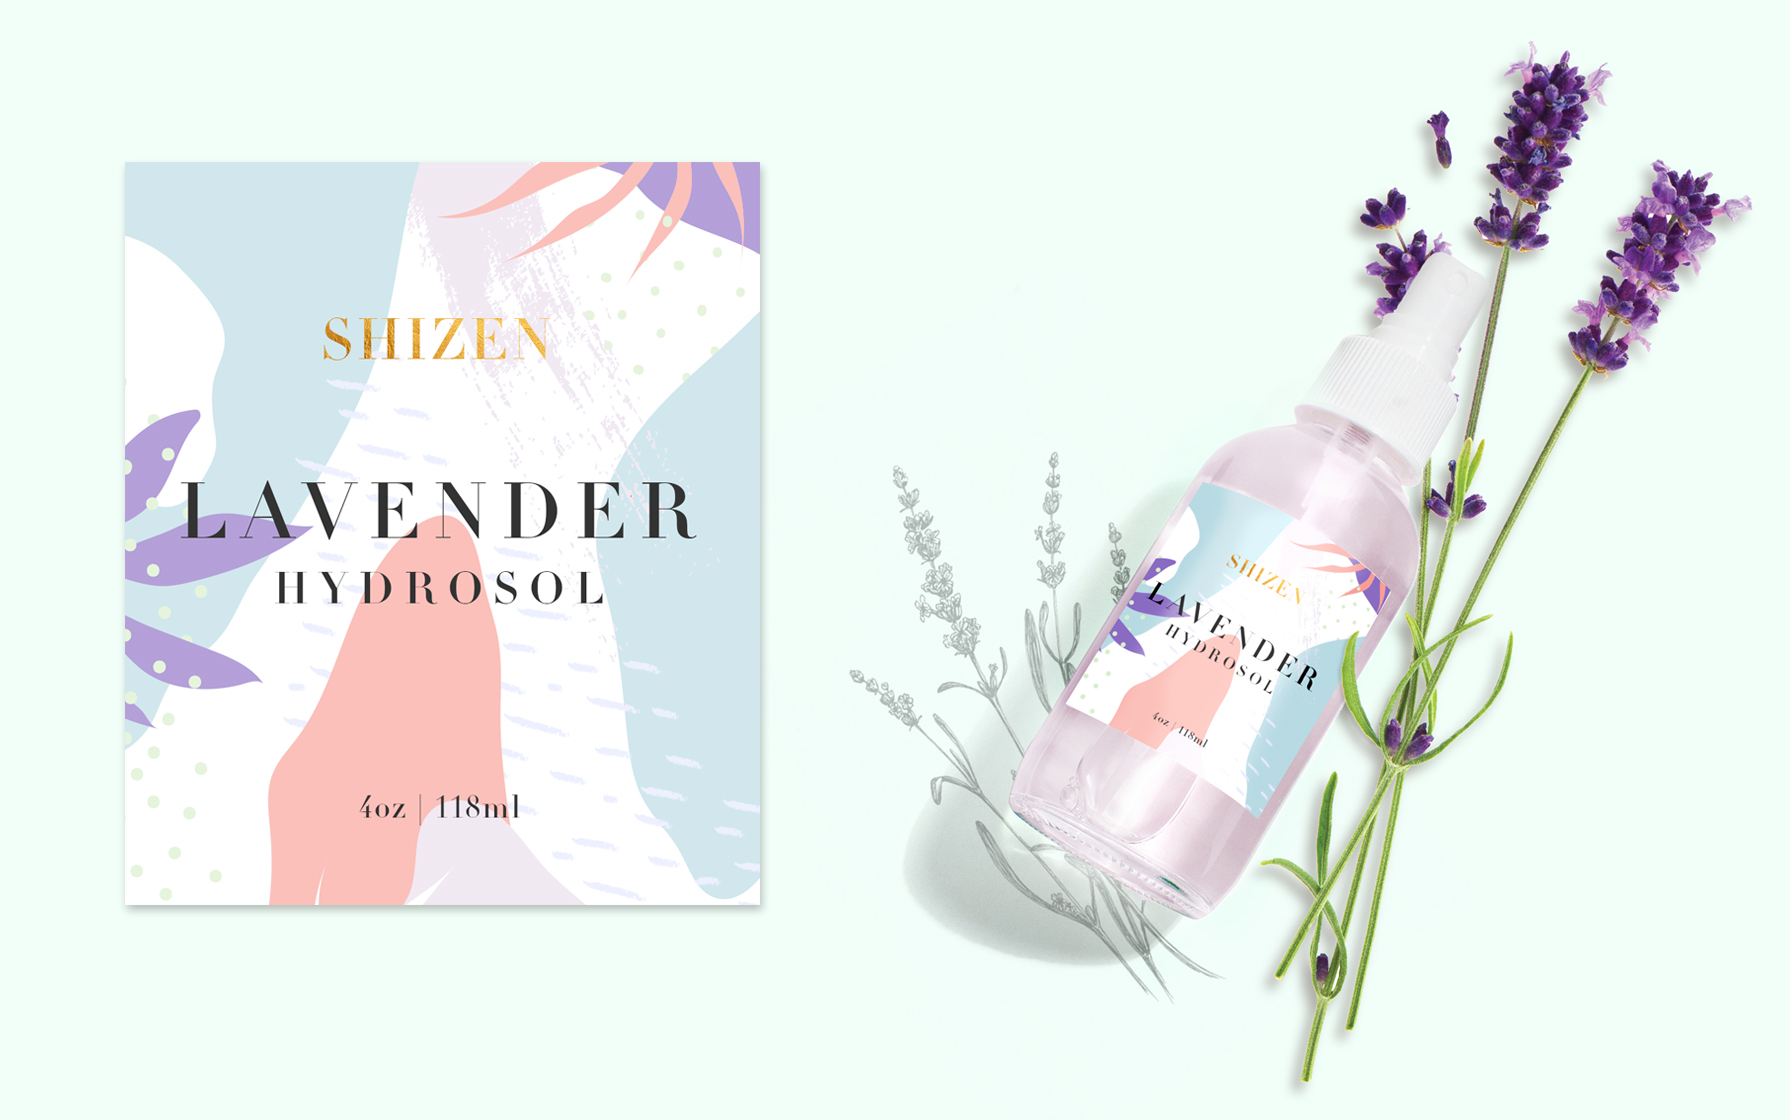 lavender hydrosol label design